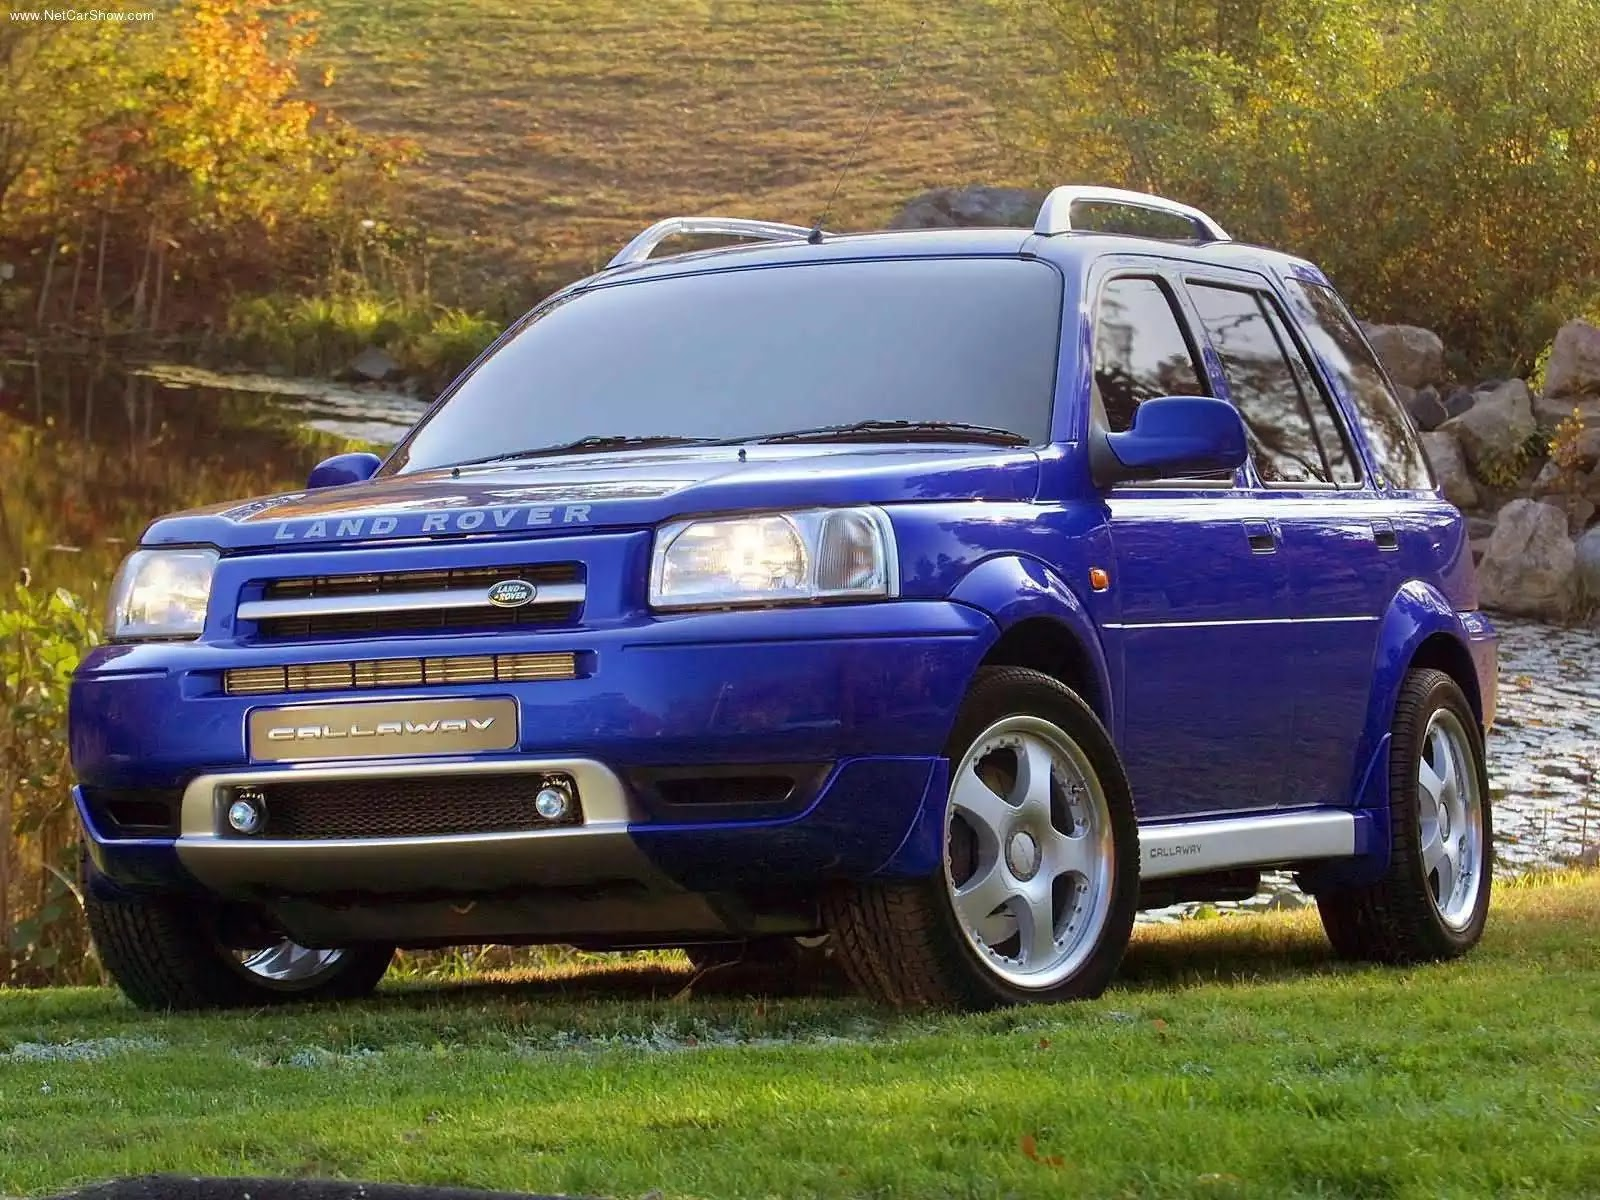 Hình ảnh xe ô tô Land Rover Freelander Callaway 2002 & nội ngoại thất